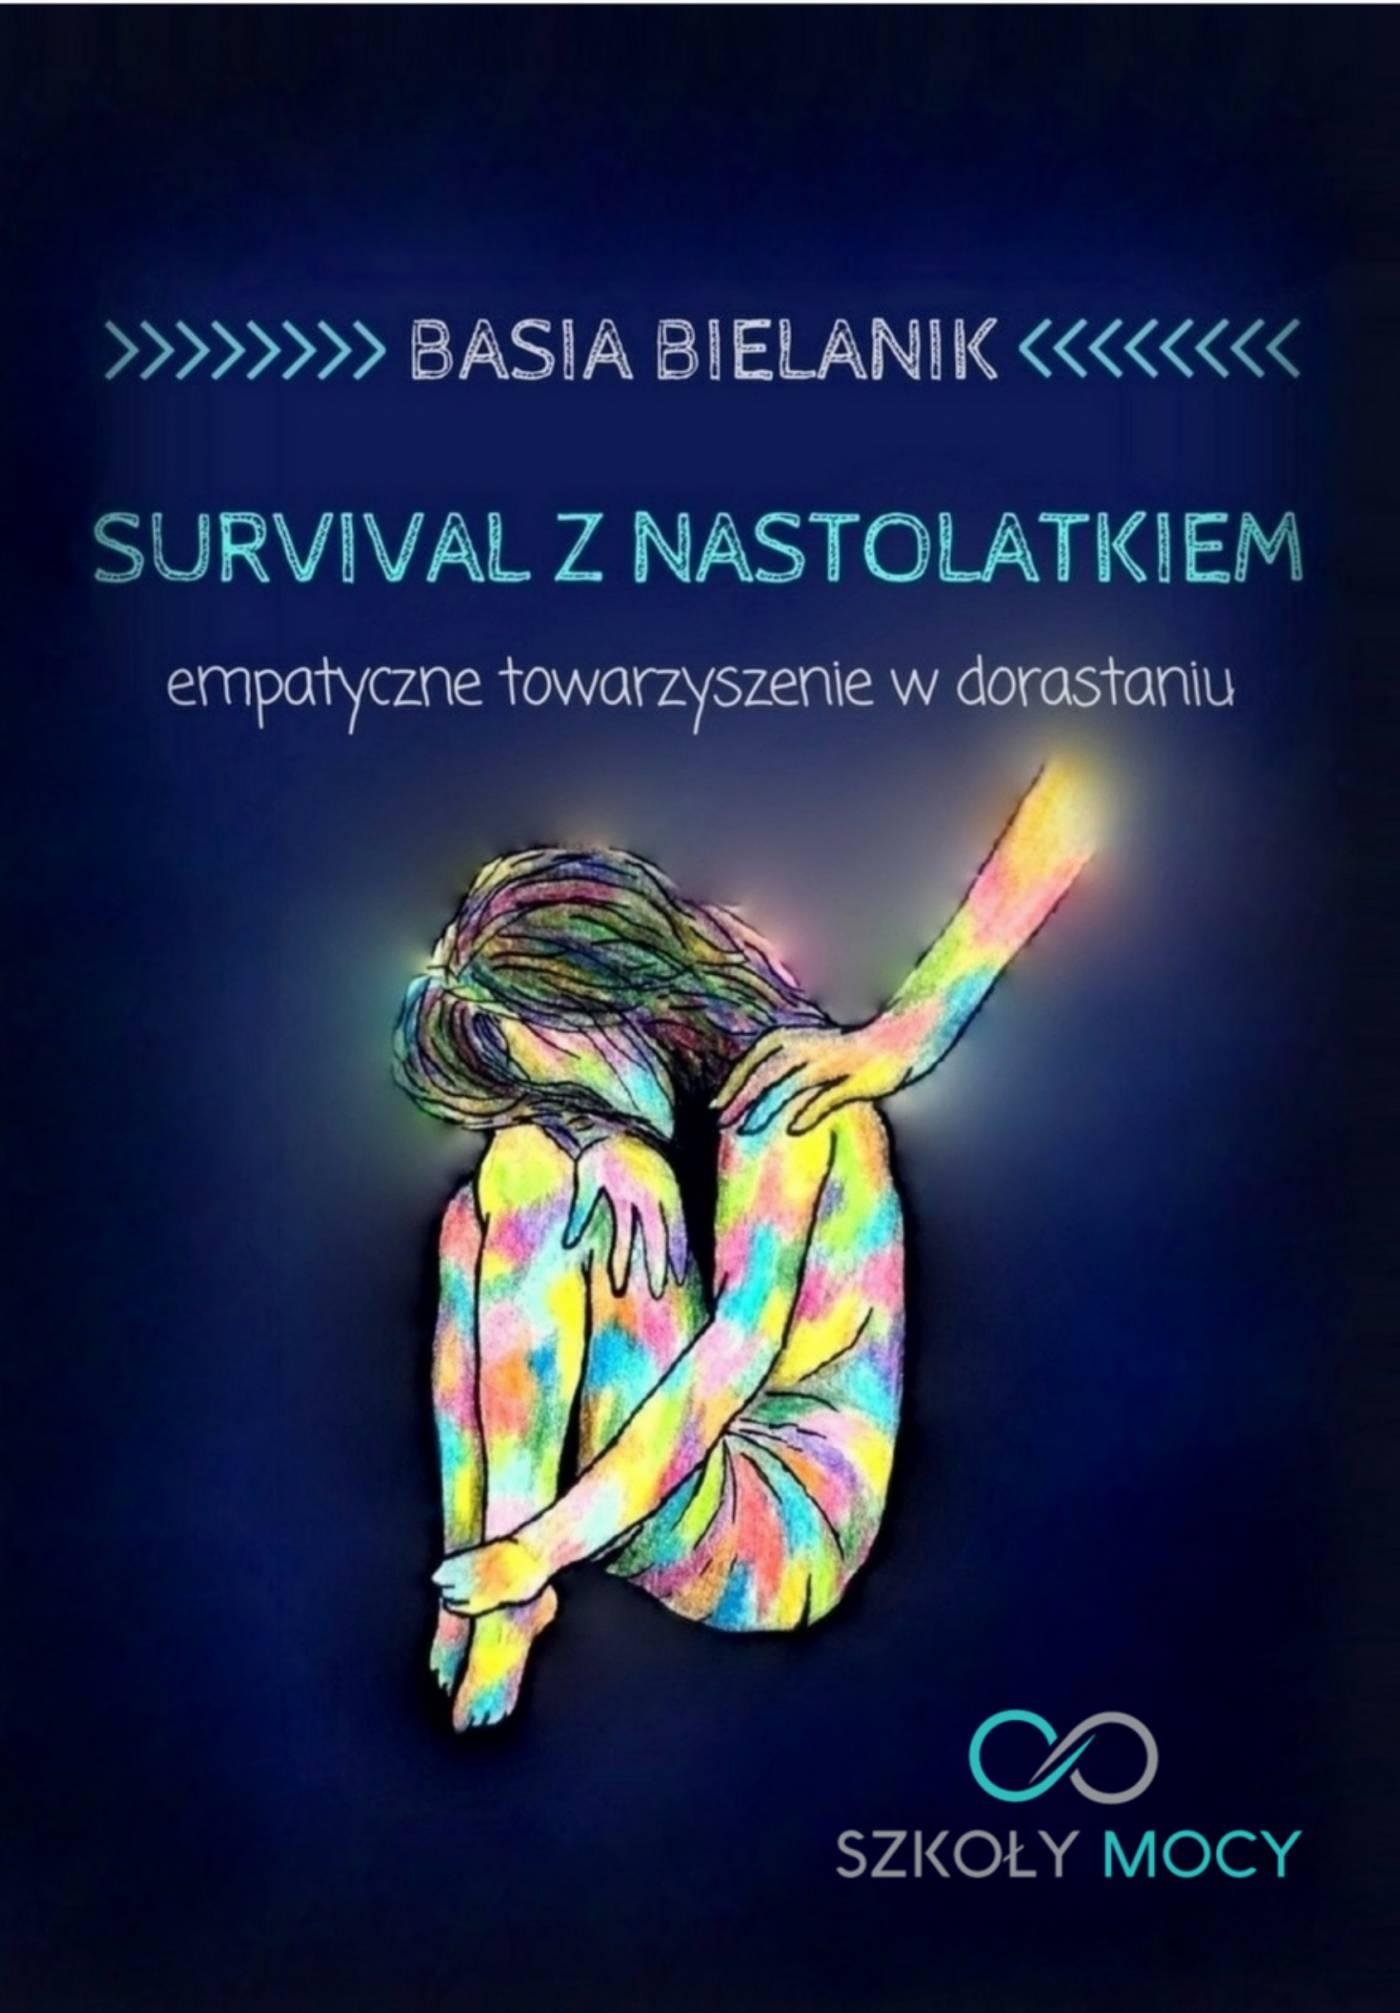 Survival z nastolatkiem. Empatyczne towarzyszenie w dorastaniu - Ebook (Książka PDF) do pobrania w formacie PDF